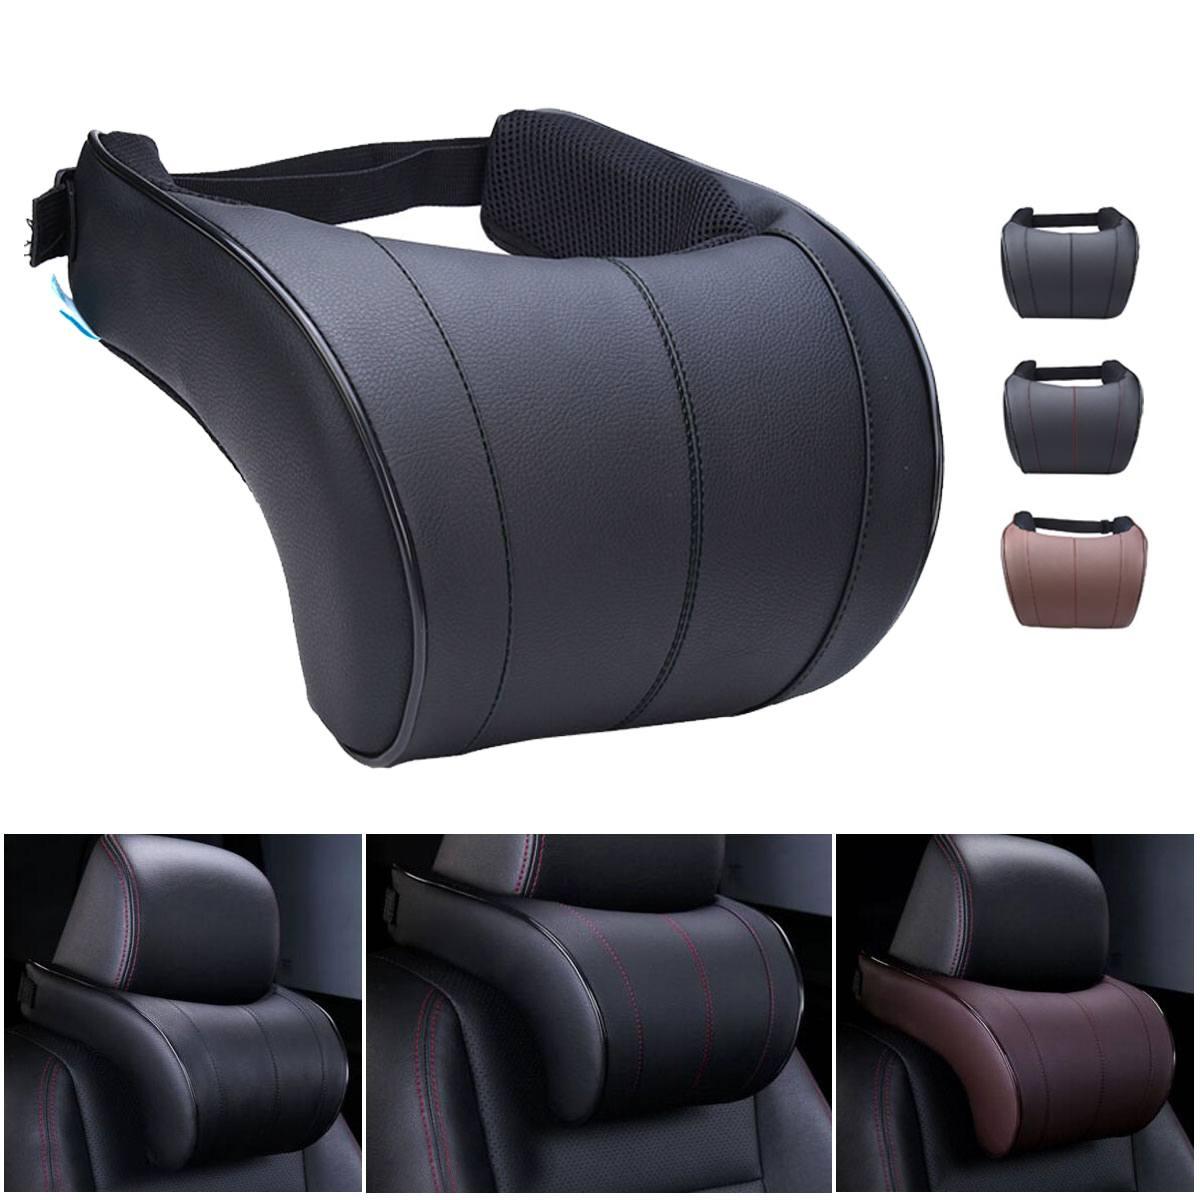 Cuoio DELL'UNITÀ di elaborazione di Auto Auto Cuscino Del Collo Cuscino di Gomma Piuma di Memoria di Riempimento di Resto del Collo Poggiatesta del Sedile Cuscino Per Auto Gadget Accessori Auto